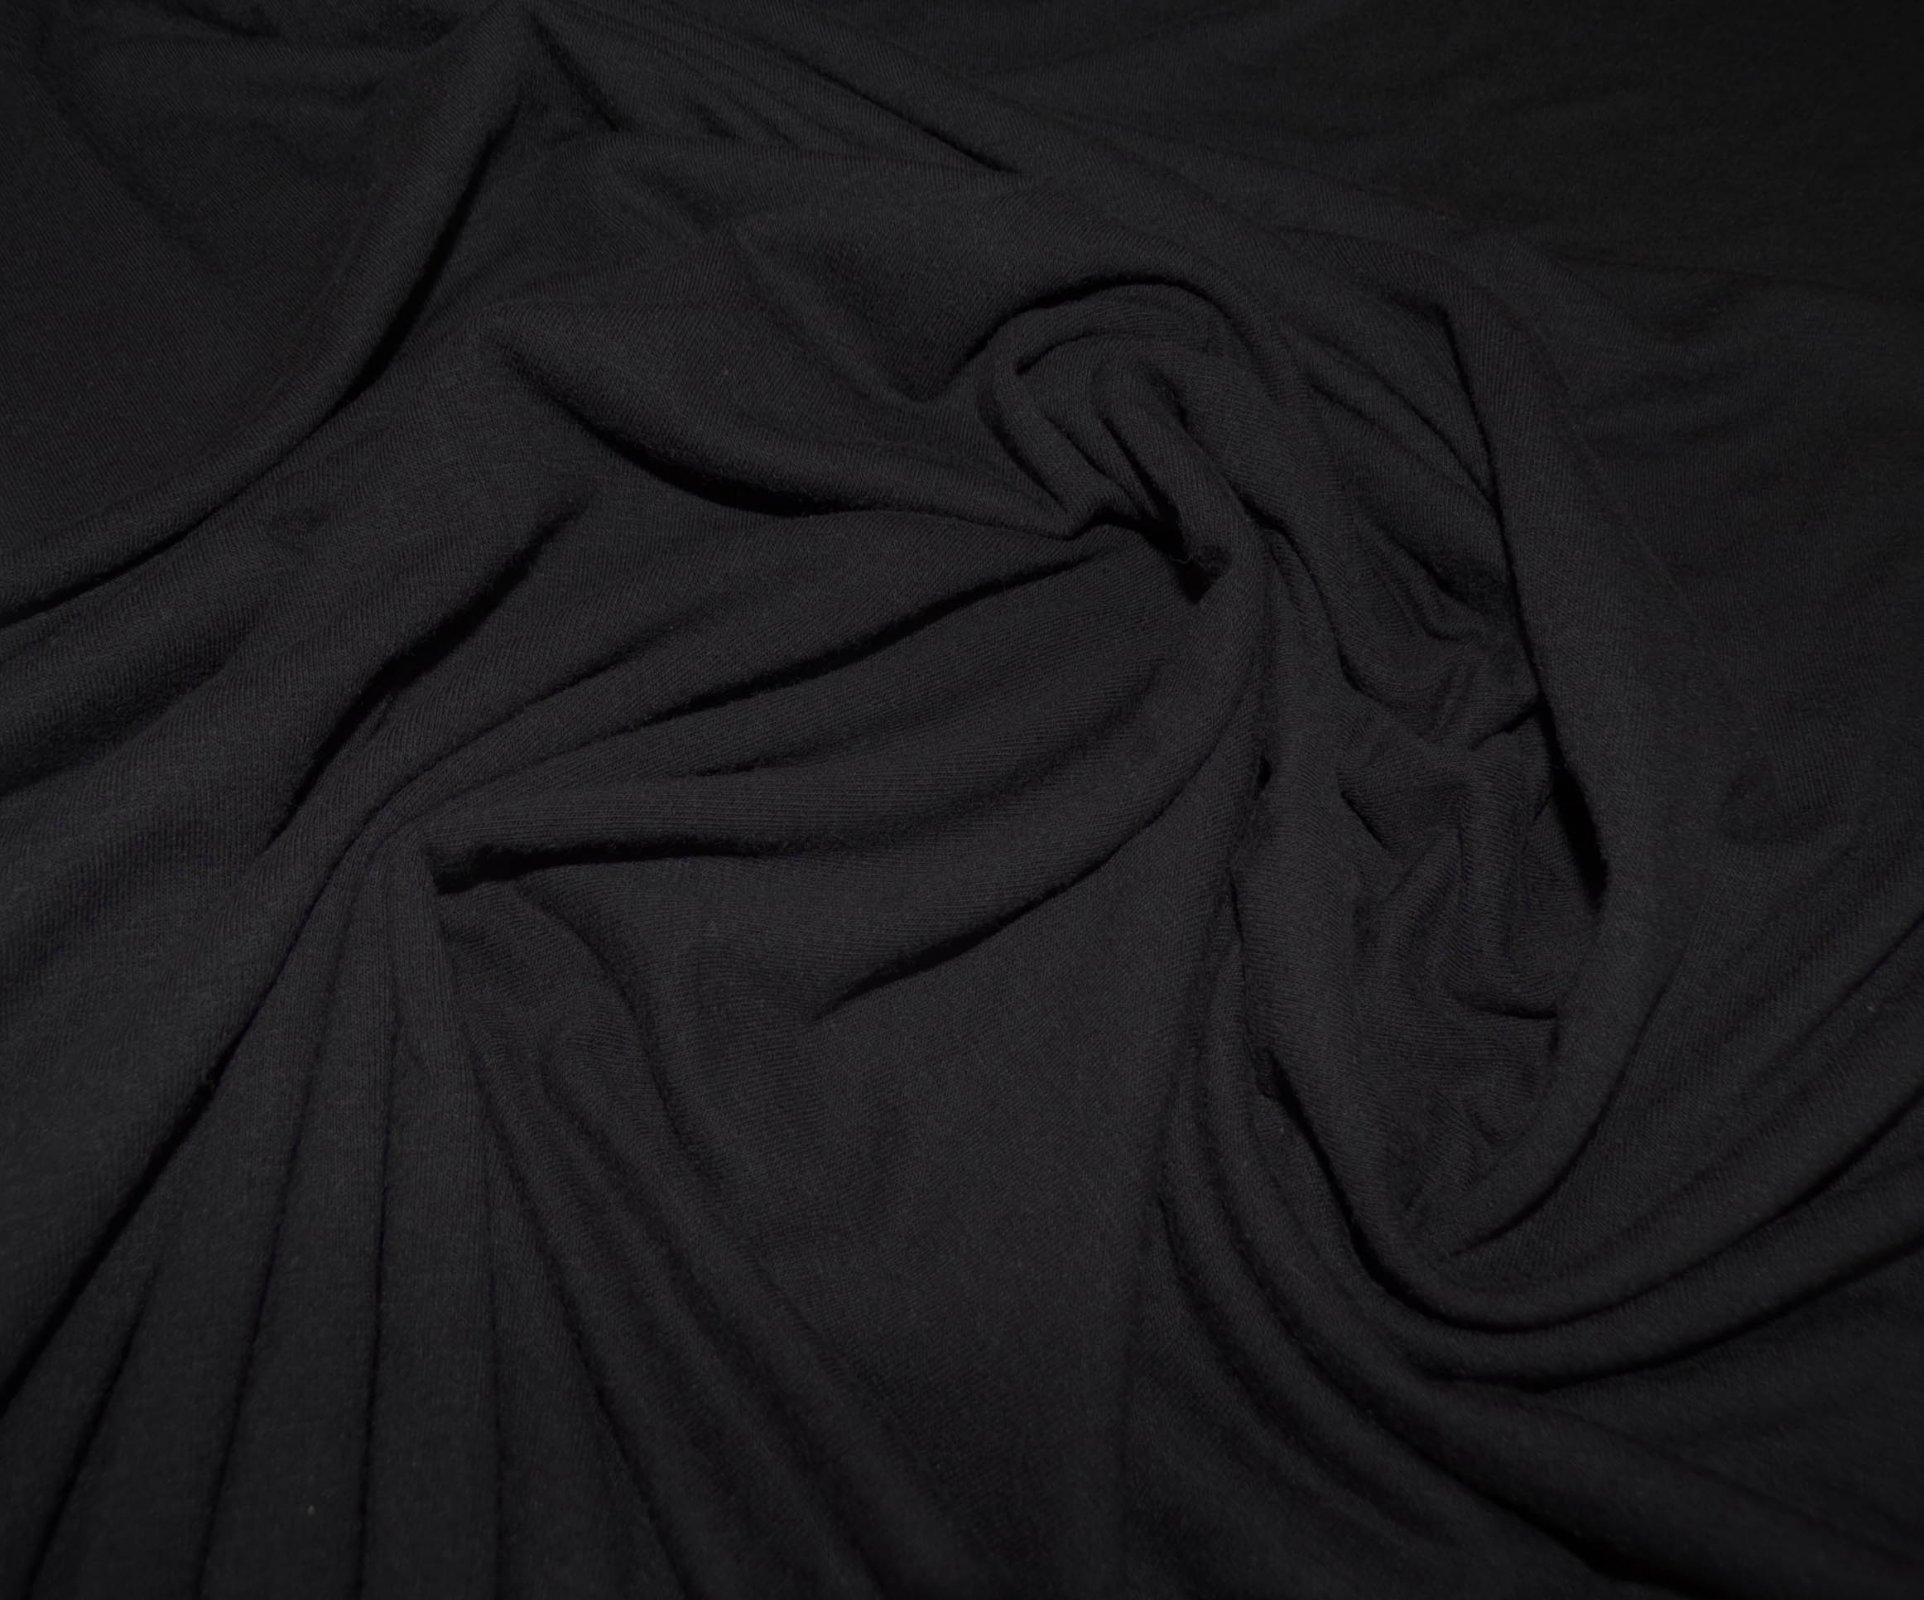 Cotton Lycra Jersey - Black